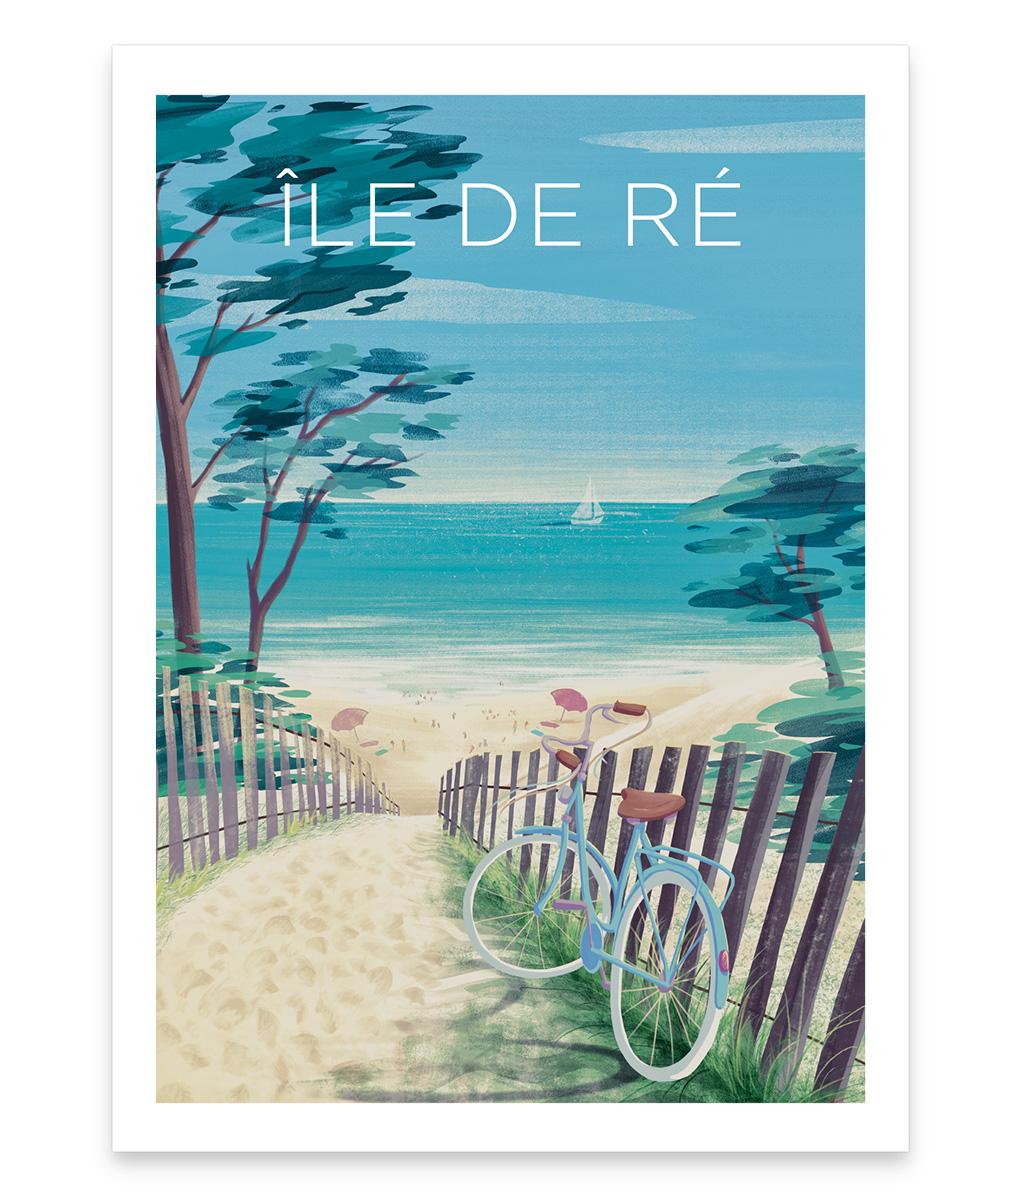 Une affiche vintage d'une plage de l'île de ré sous le soleil exactement